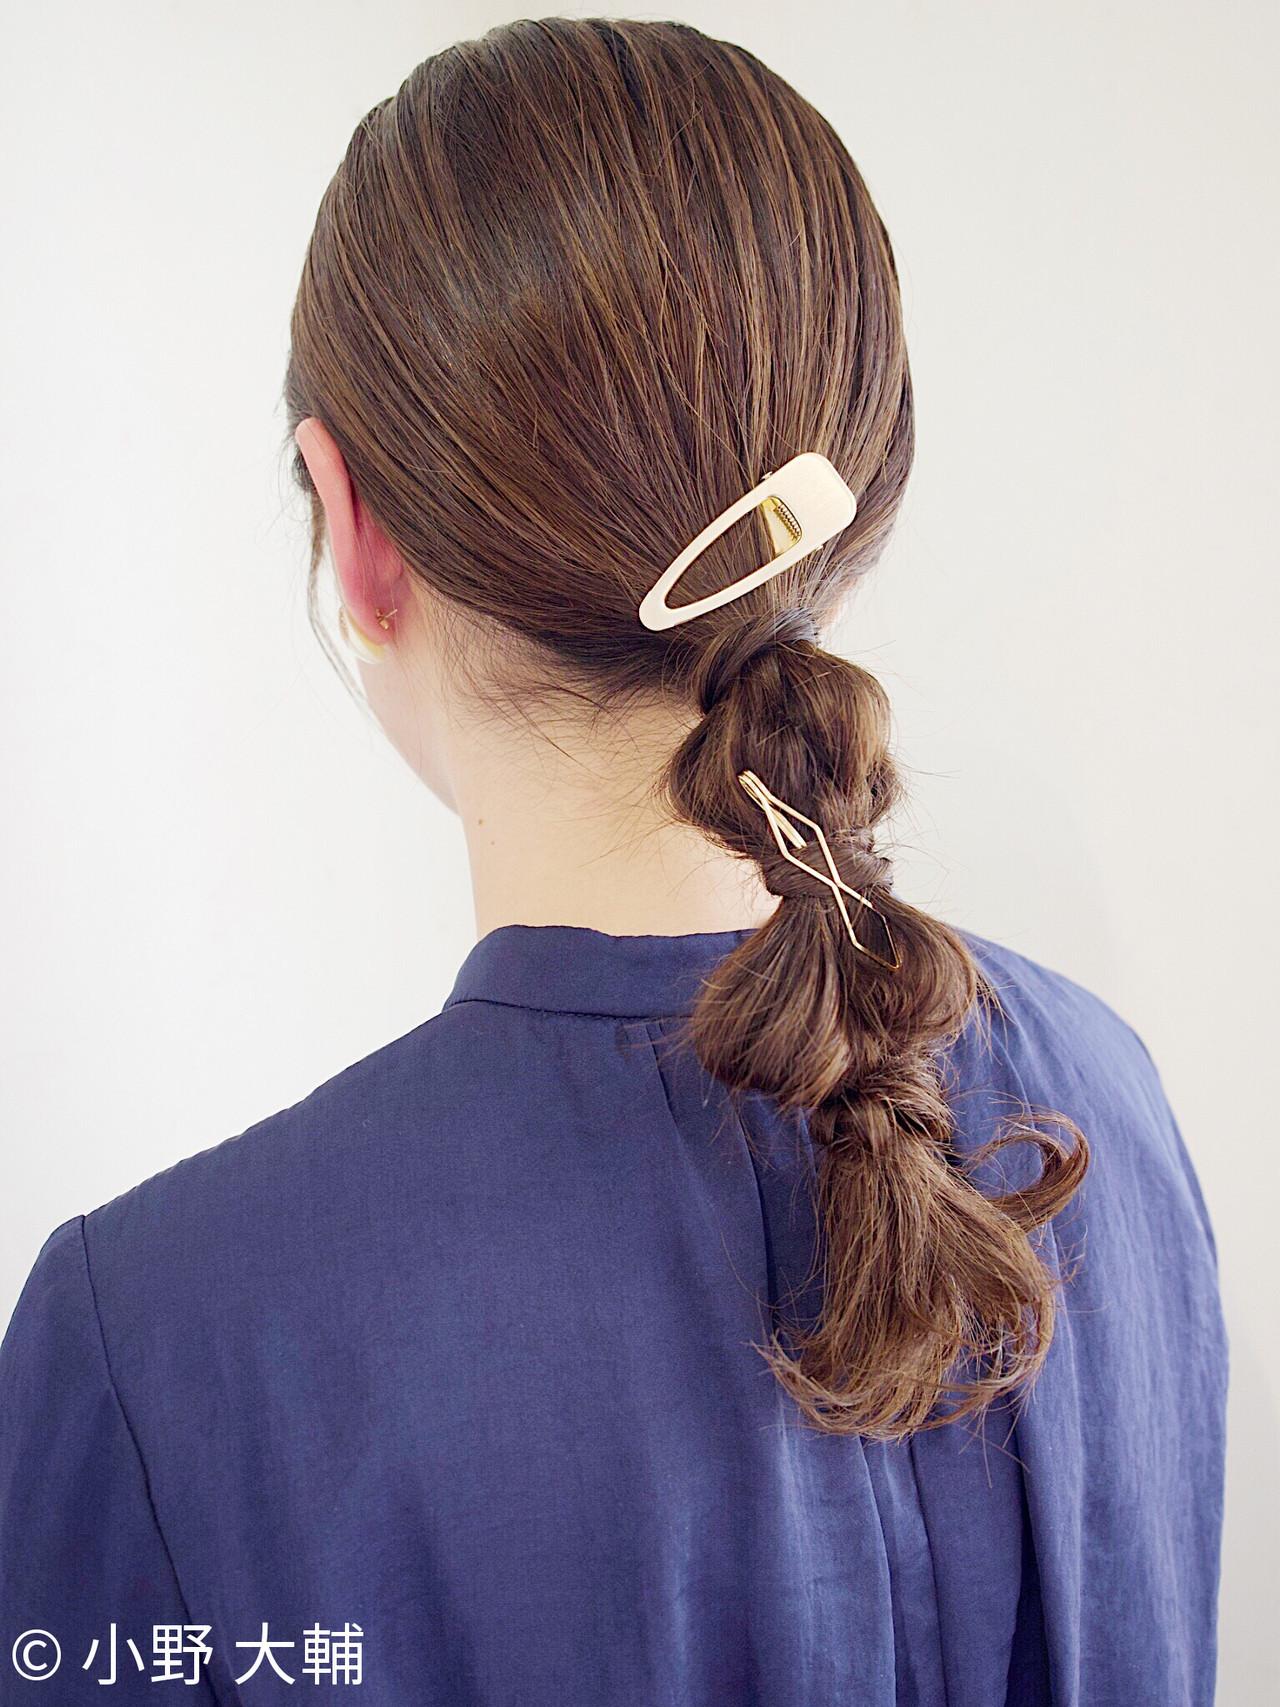 結婚式 ヘアアレンジ ナチュラル 編みおろし ヘアスタイルや髪型の写真・画像